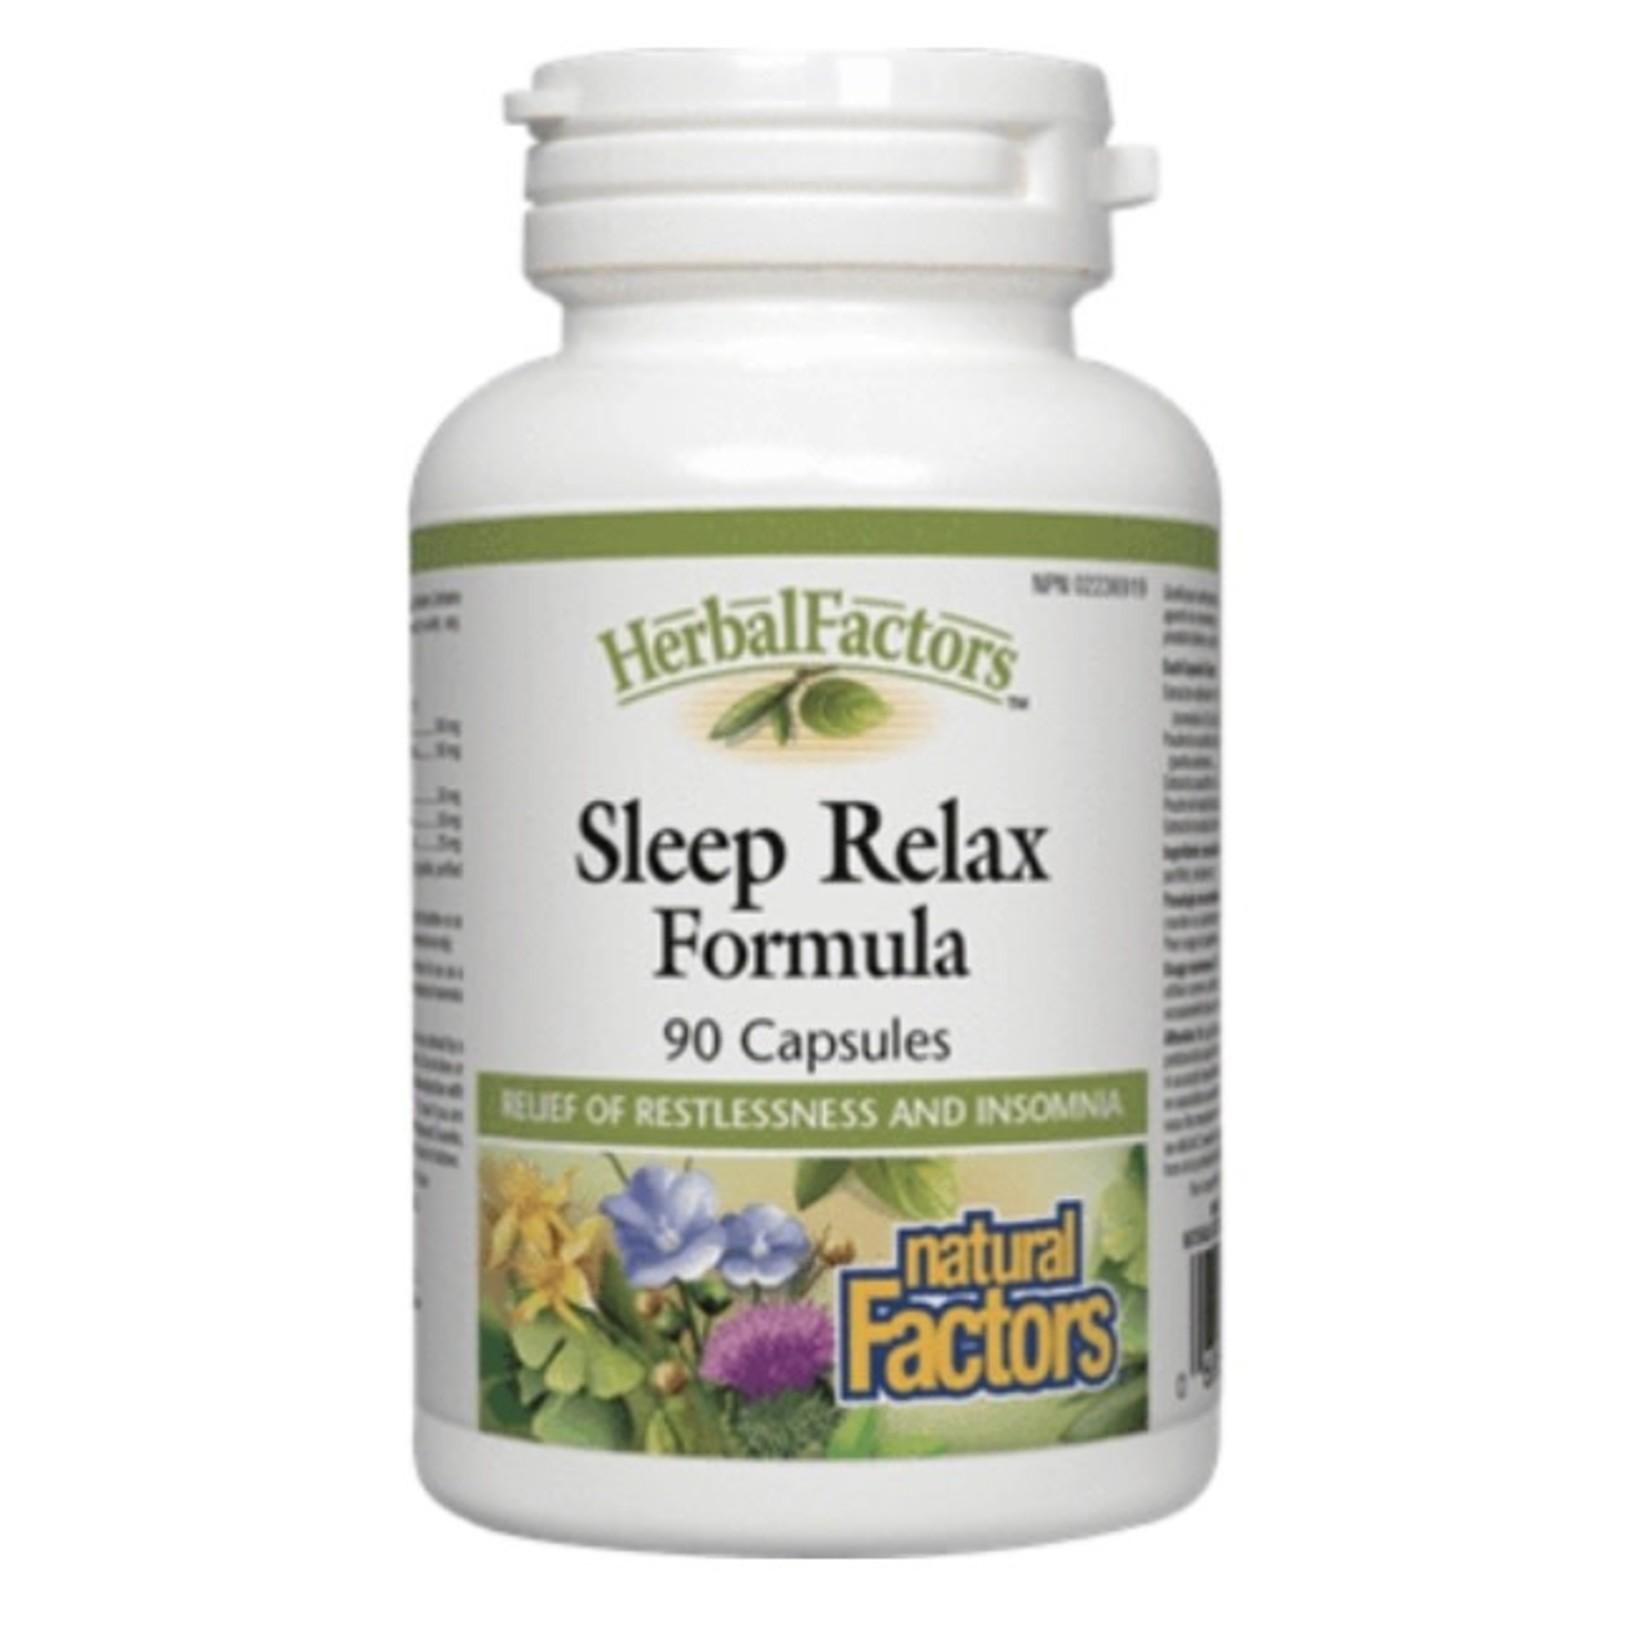 Natural Factors Natural Factors Sleep Relax Formula 90 caps